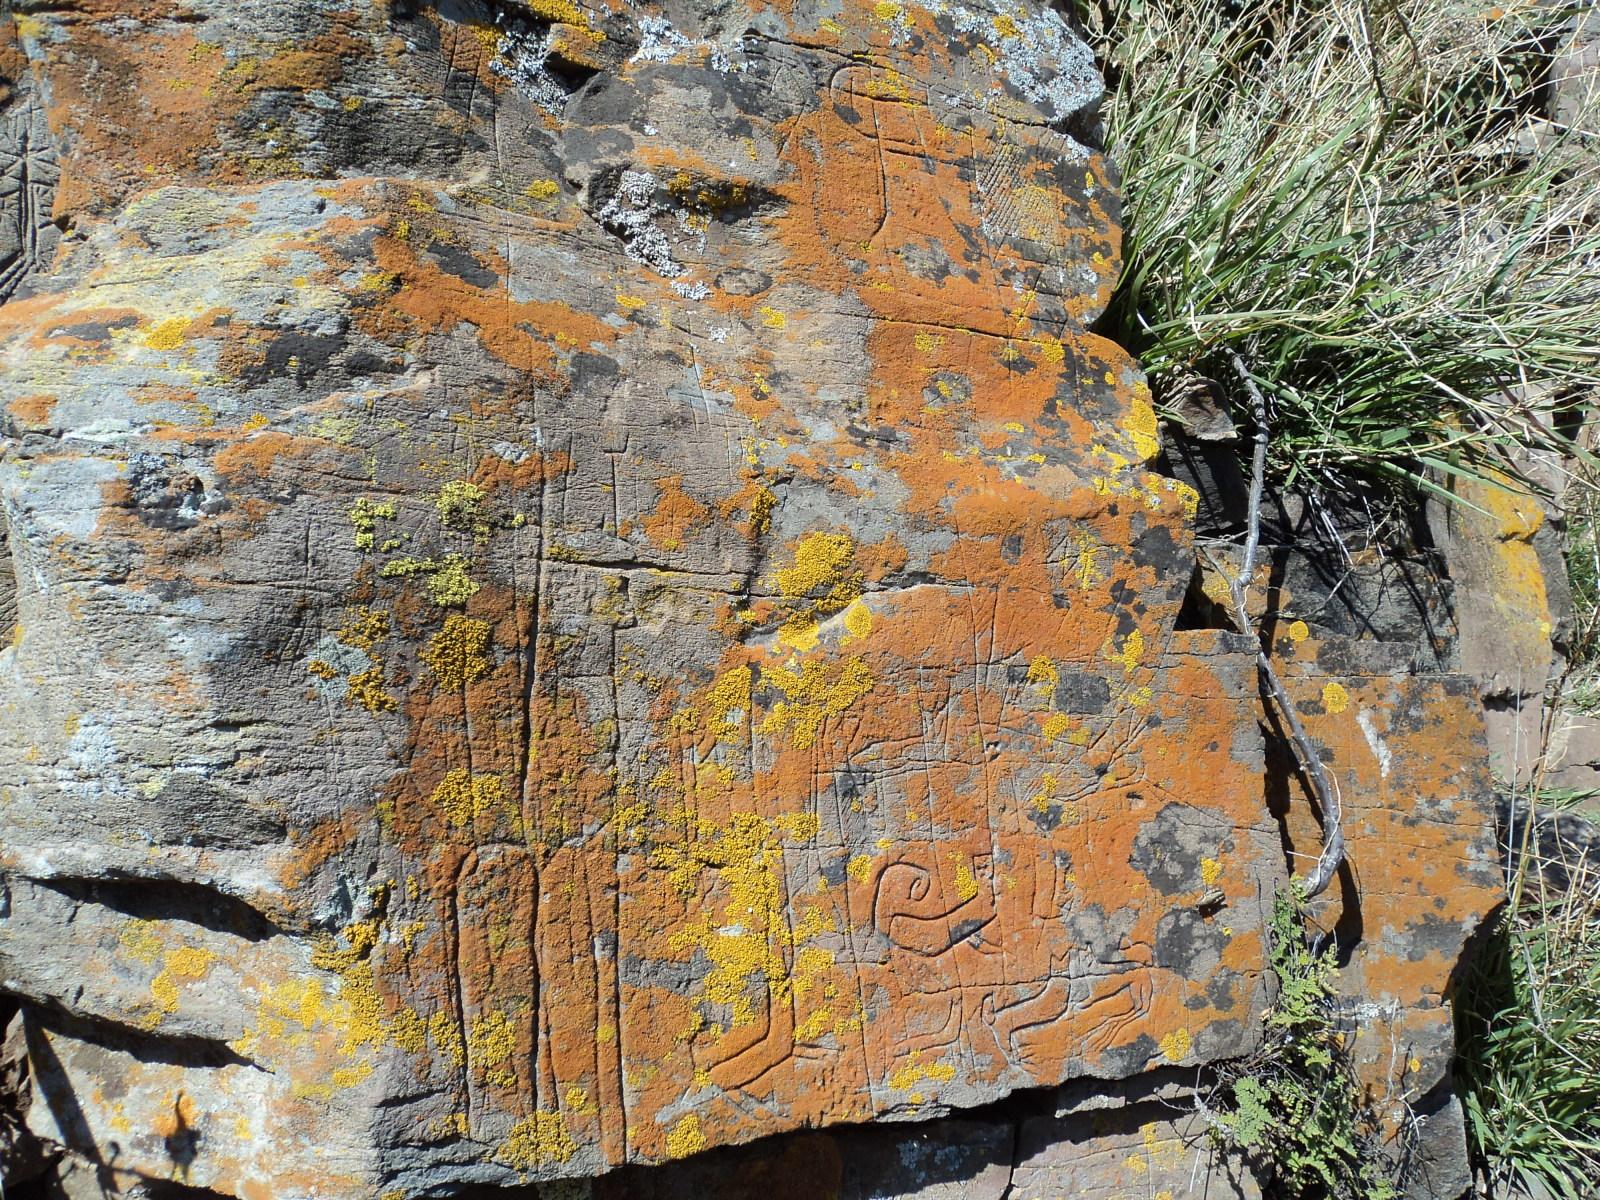 ayuda  para estas marcas en una piedra 142vgx0